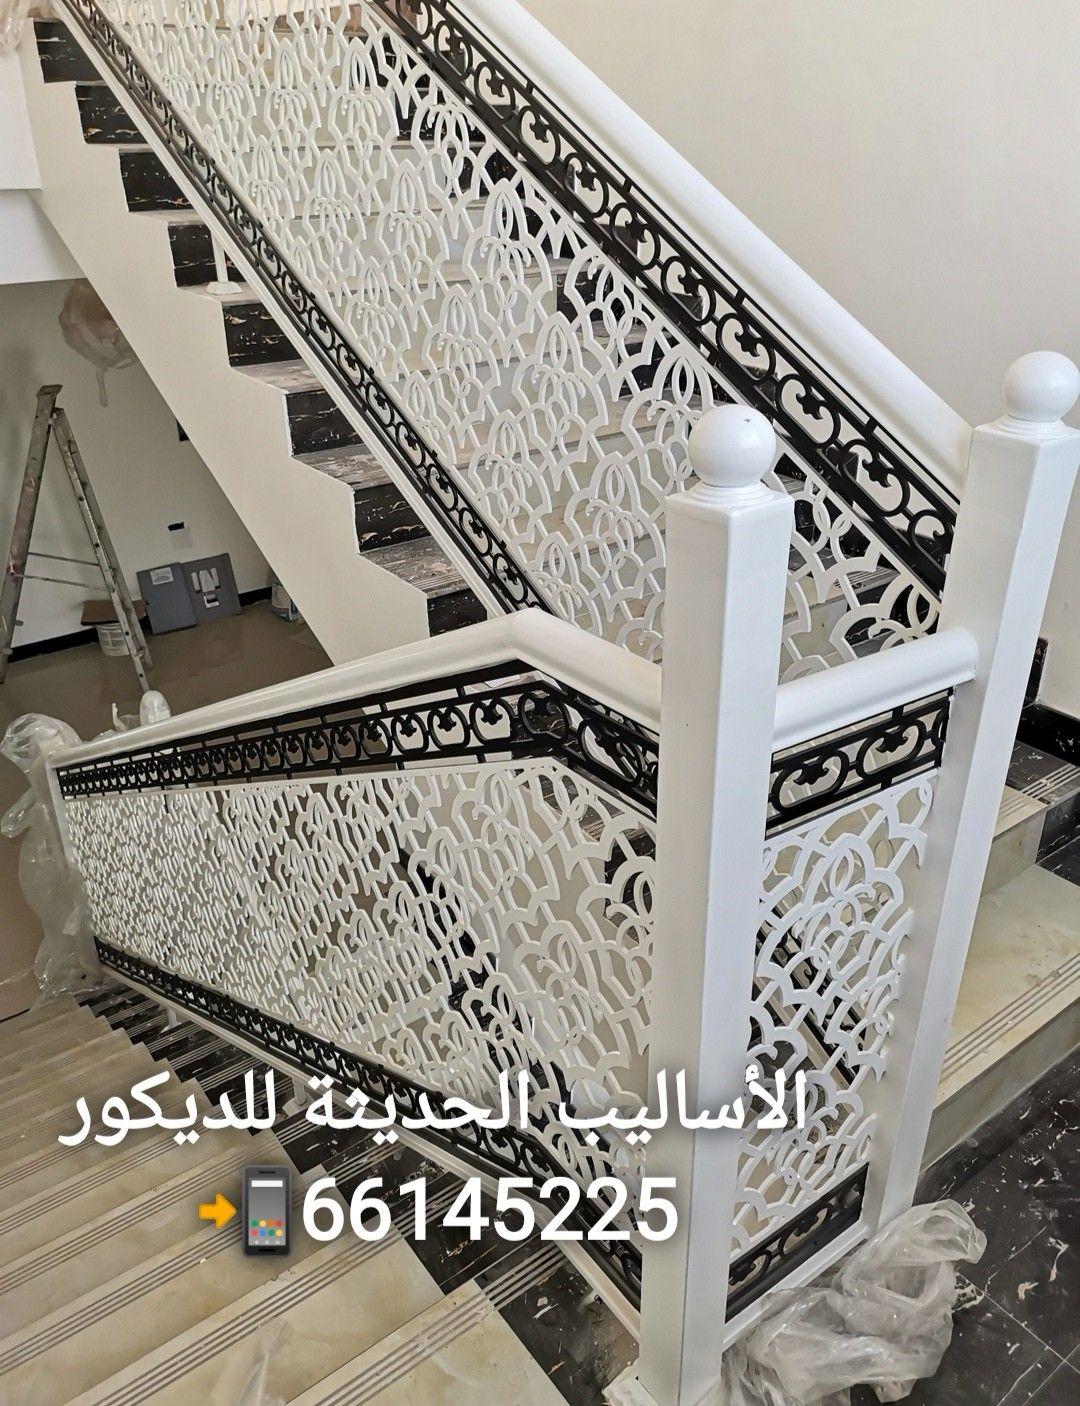 الاساليب الحديثةللديكور 66145225 Stairs Home Decor Home